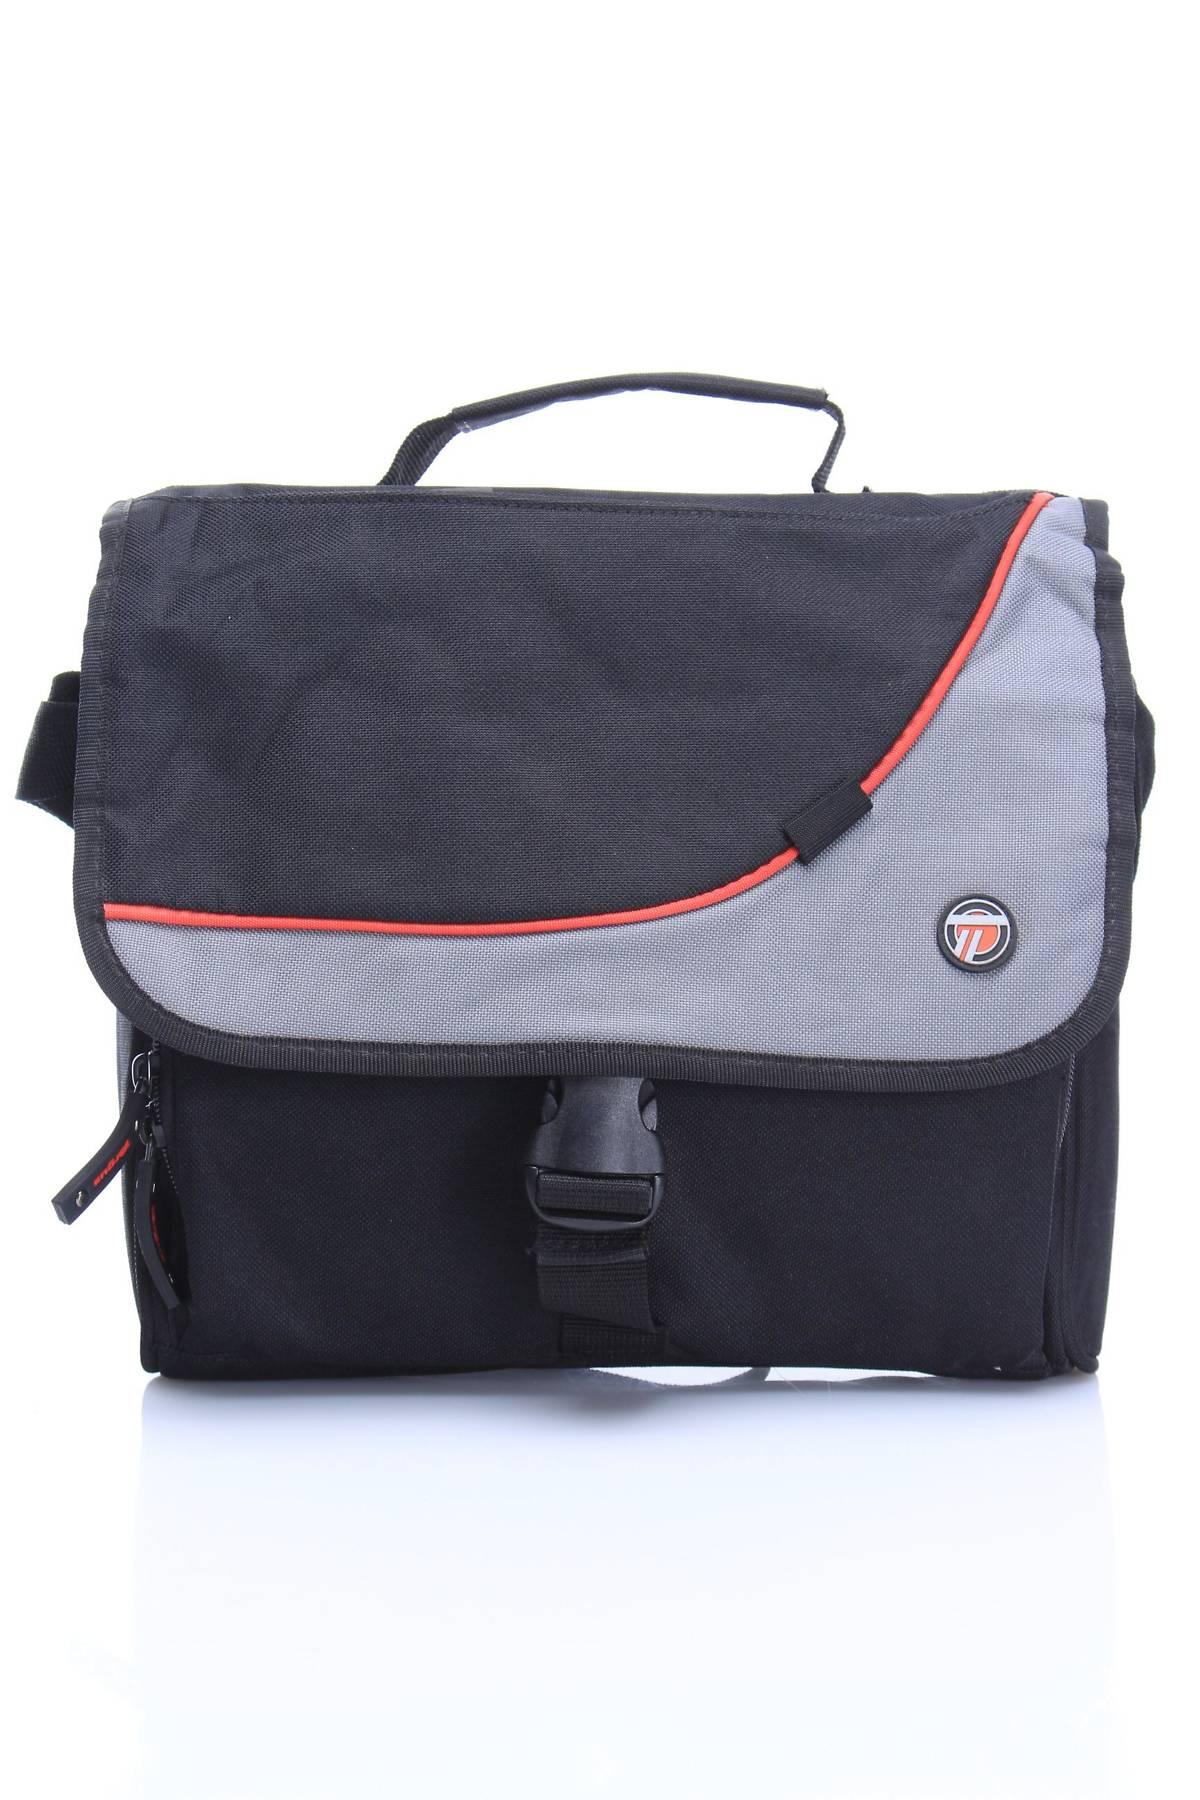 Чанта за лаптоп Targus1